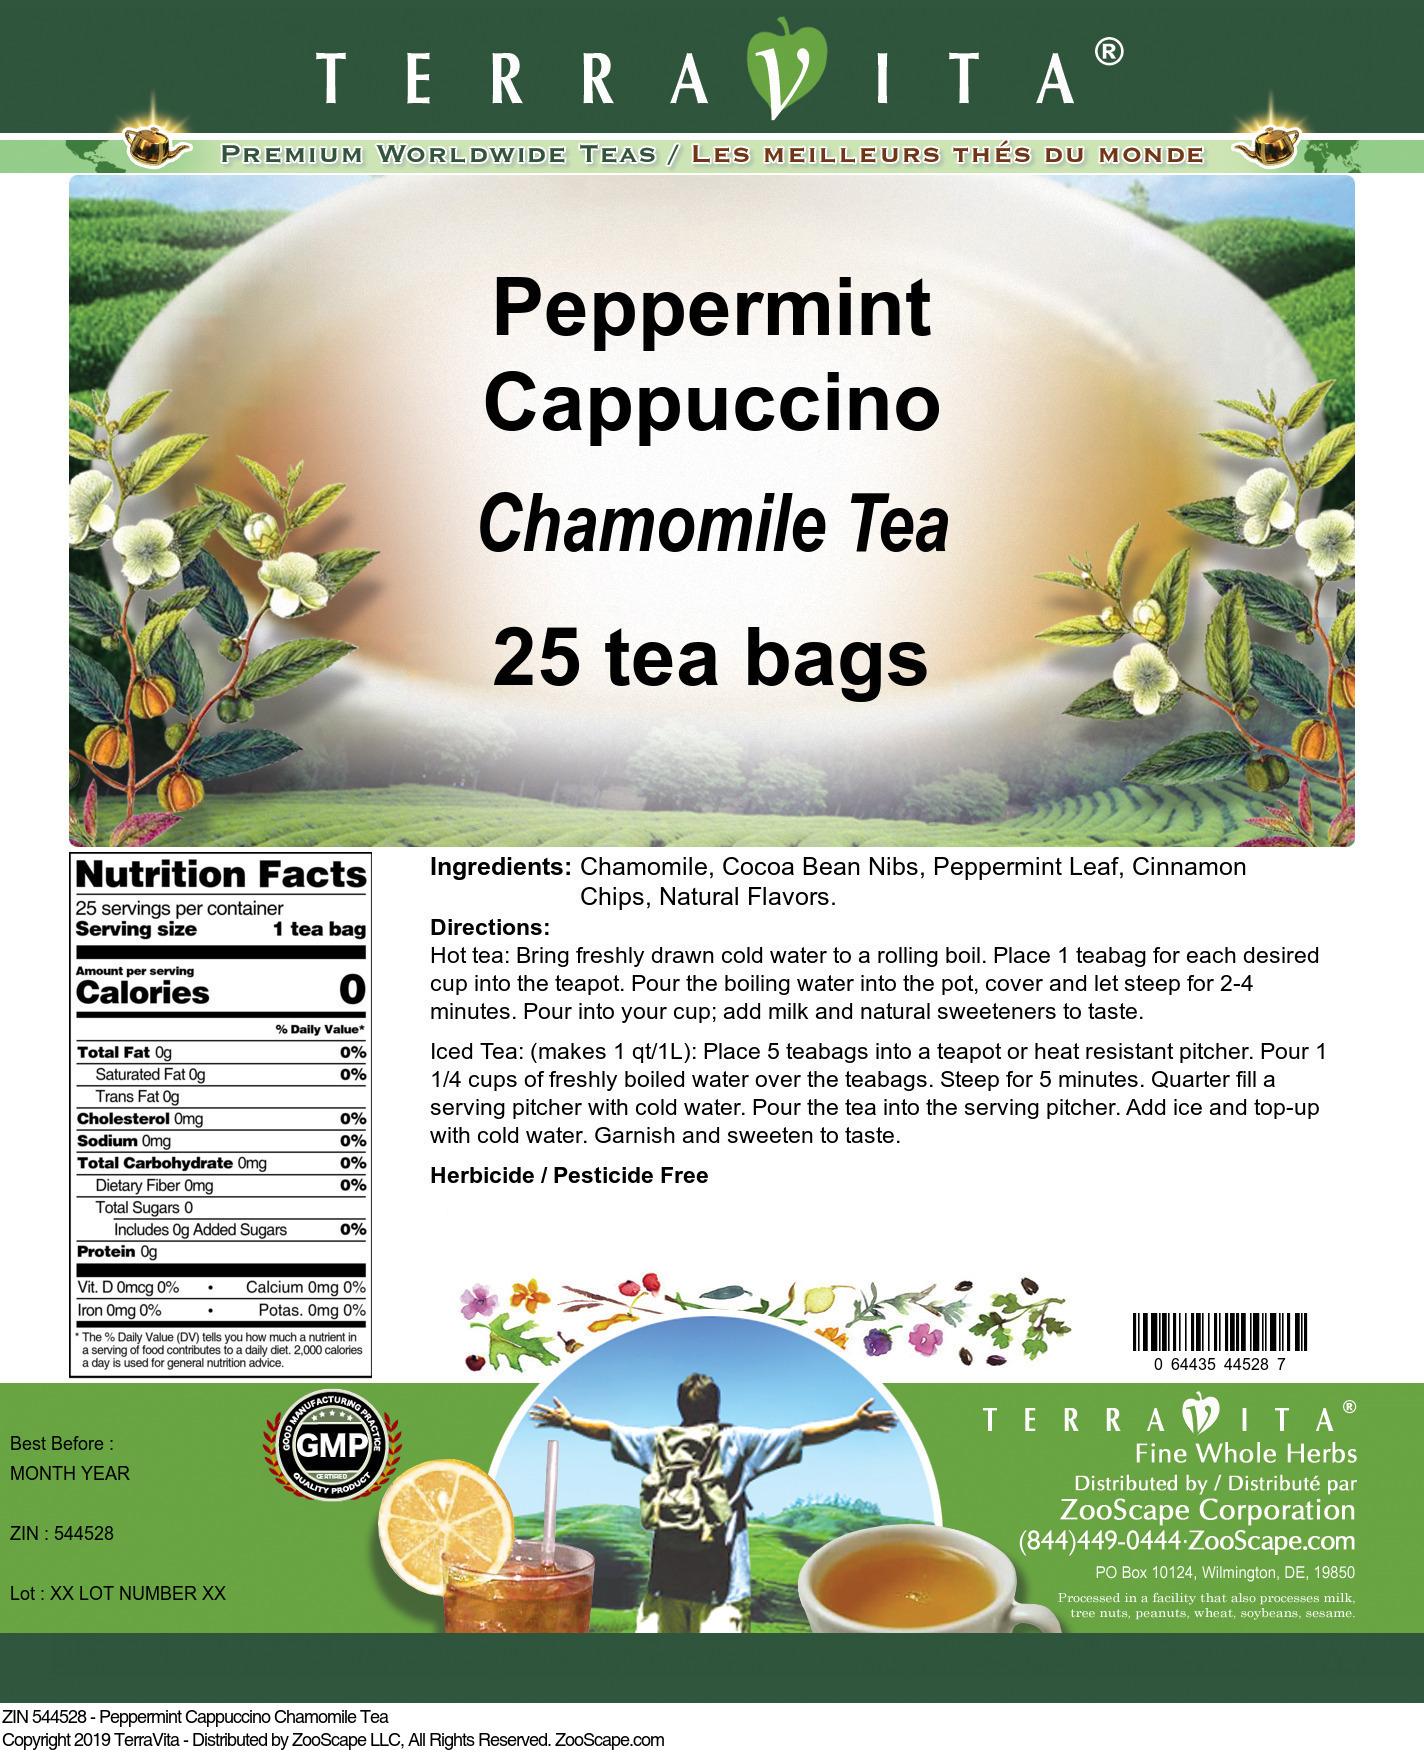 Peppermint Cappuccino Chamomile Tea